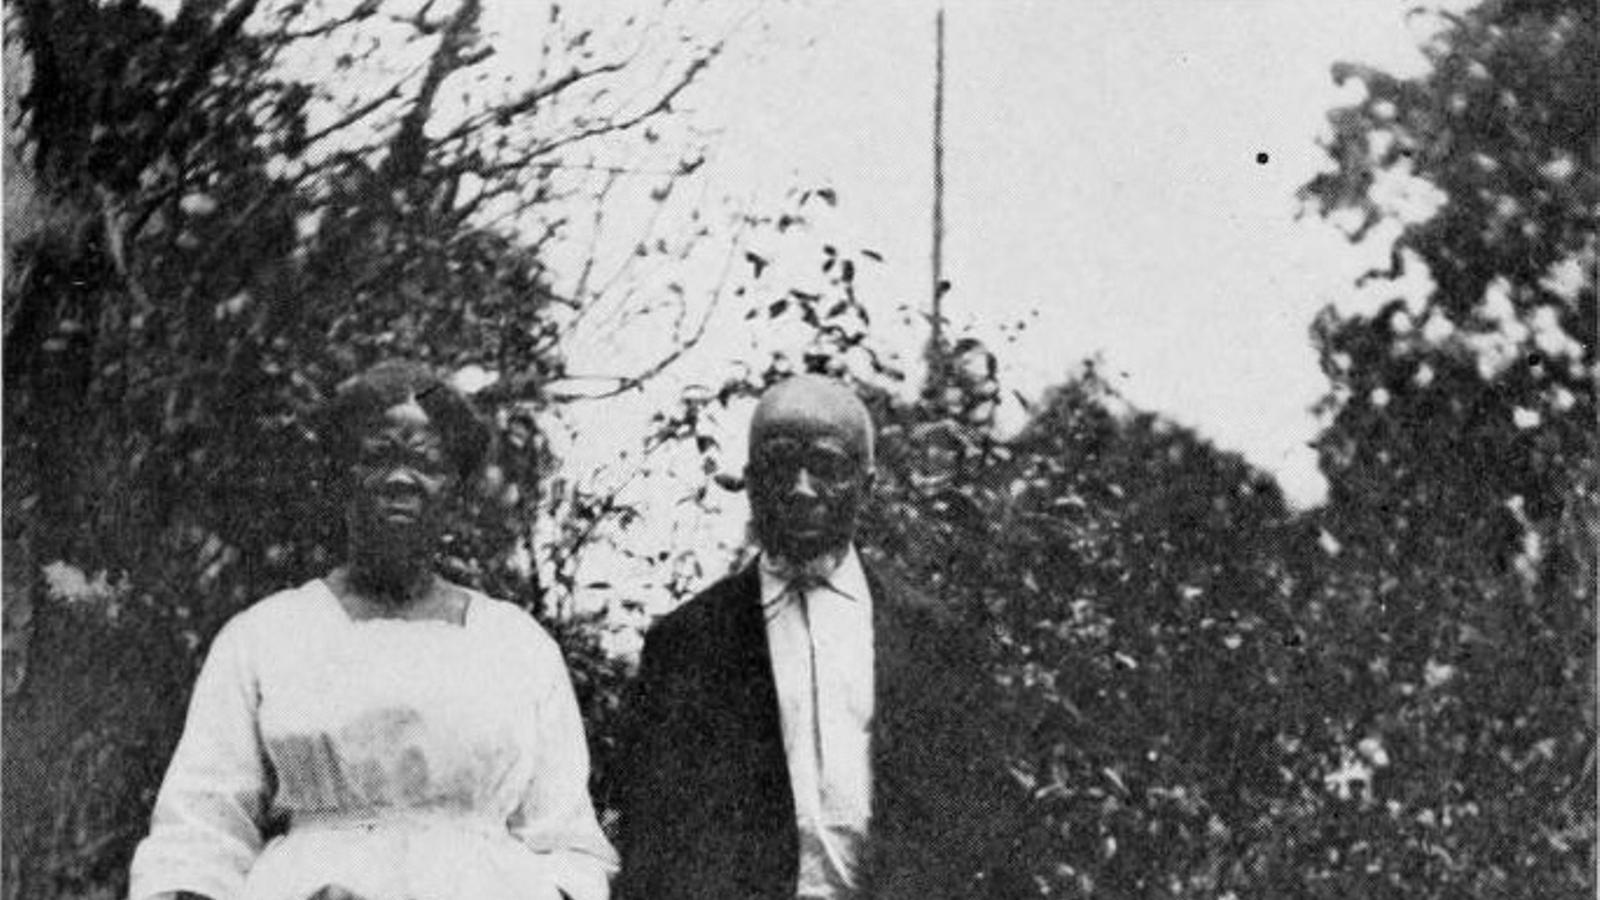 Un equip d'arqueòlegs nord-americans troben l'últim vaixell d'esclaus africans als EUA